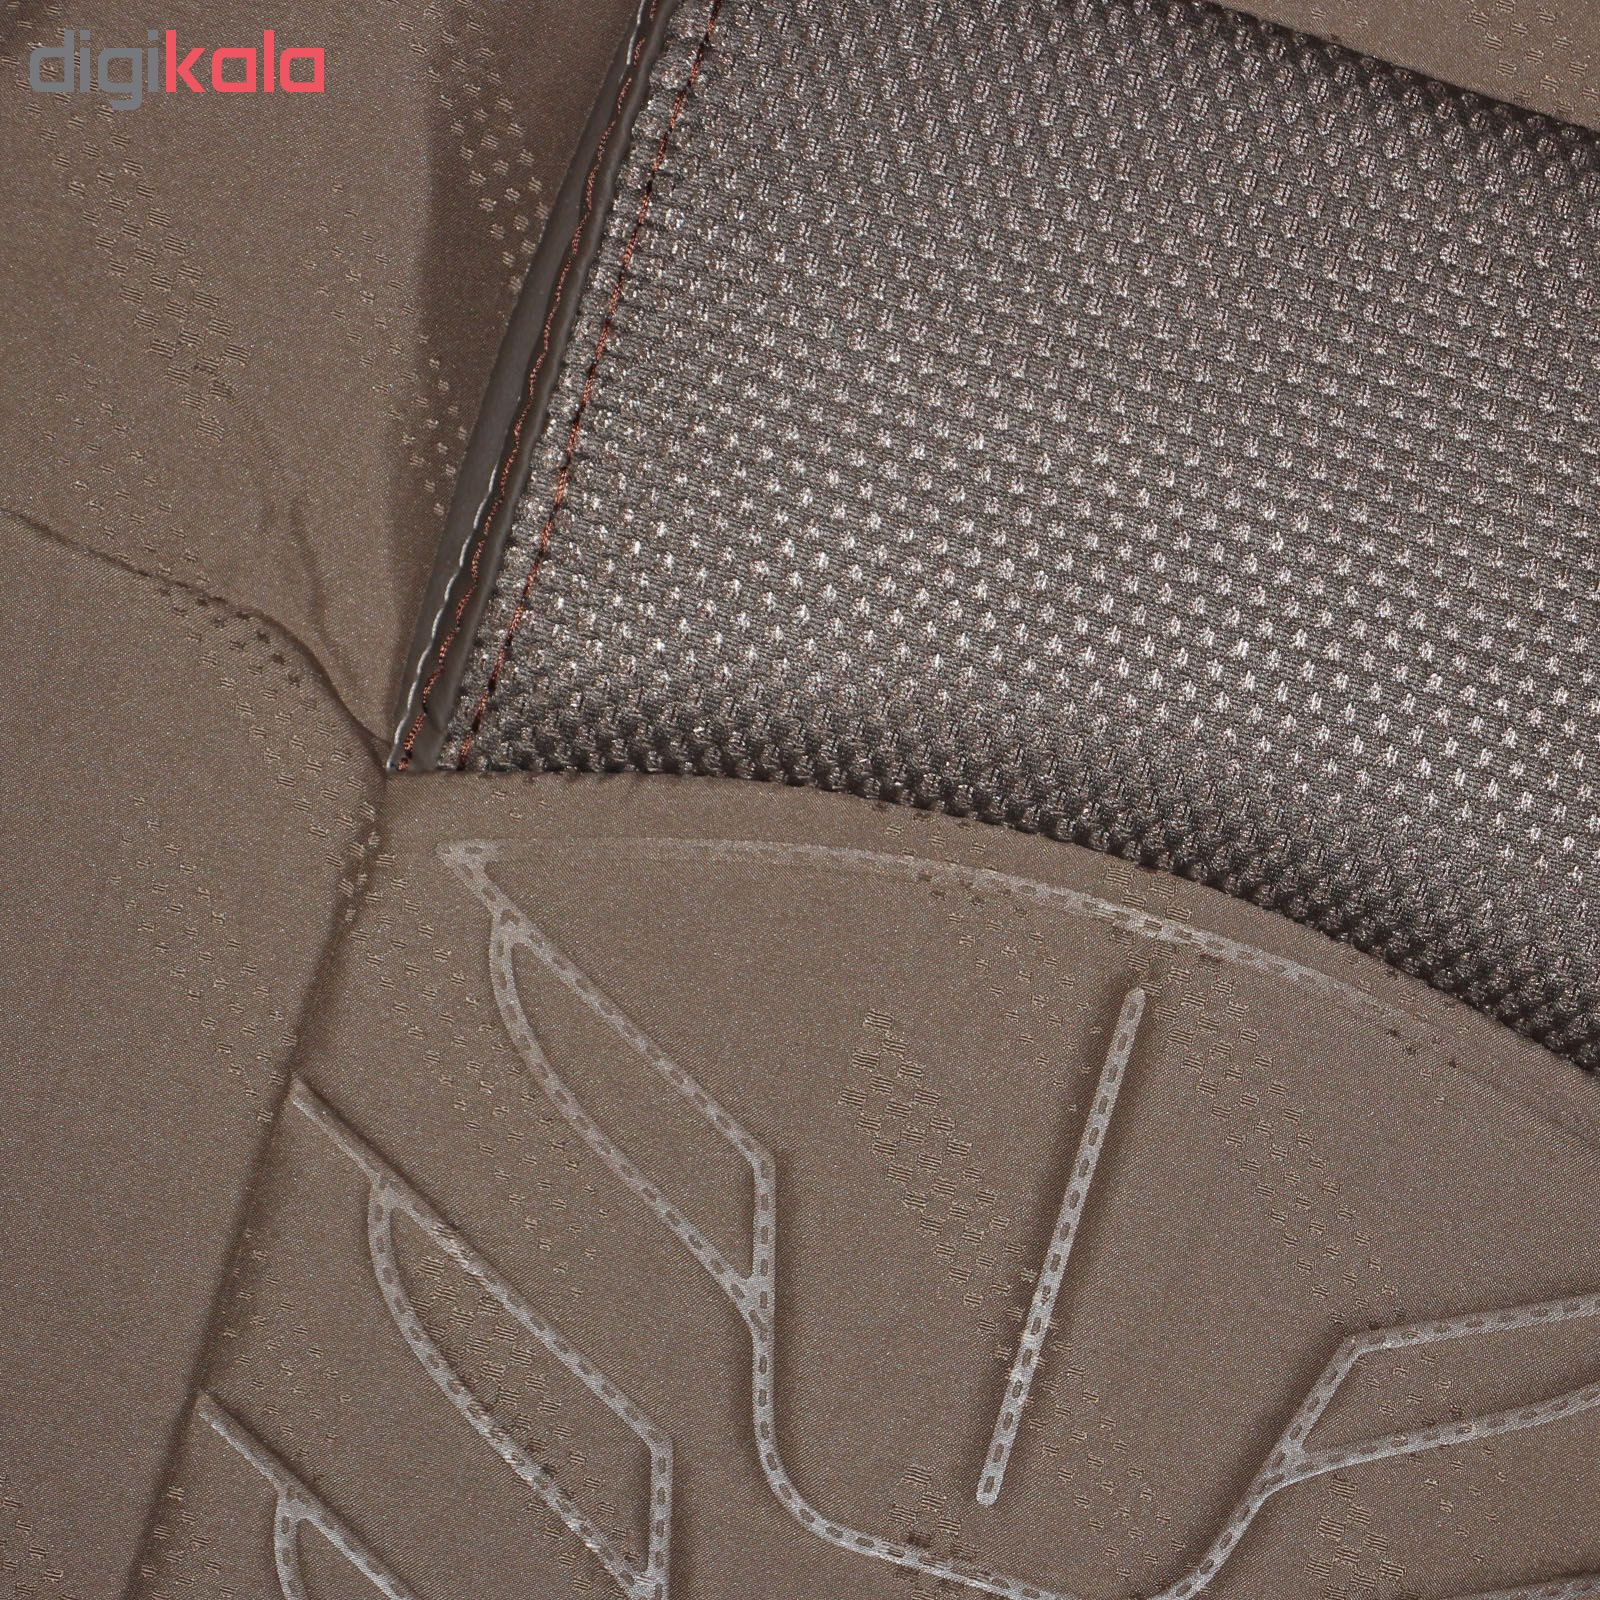 روکش صندلی خودرو آذین کاور کد AZ016 مناسب برای پژو 405